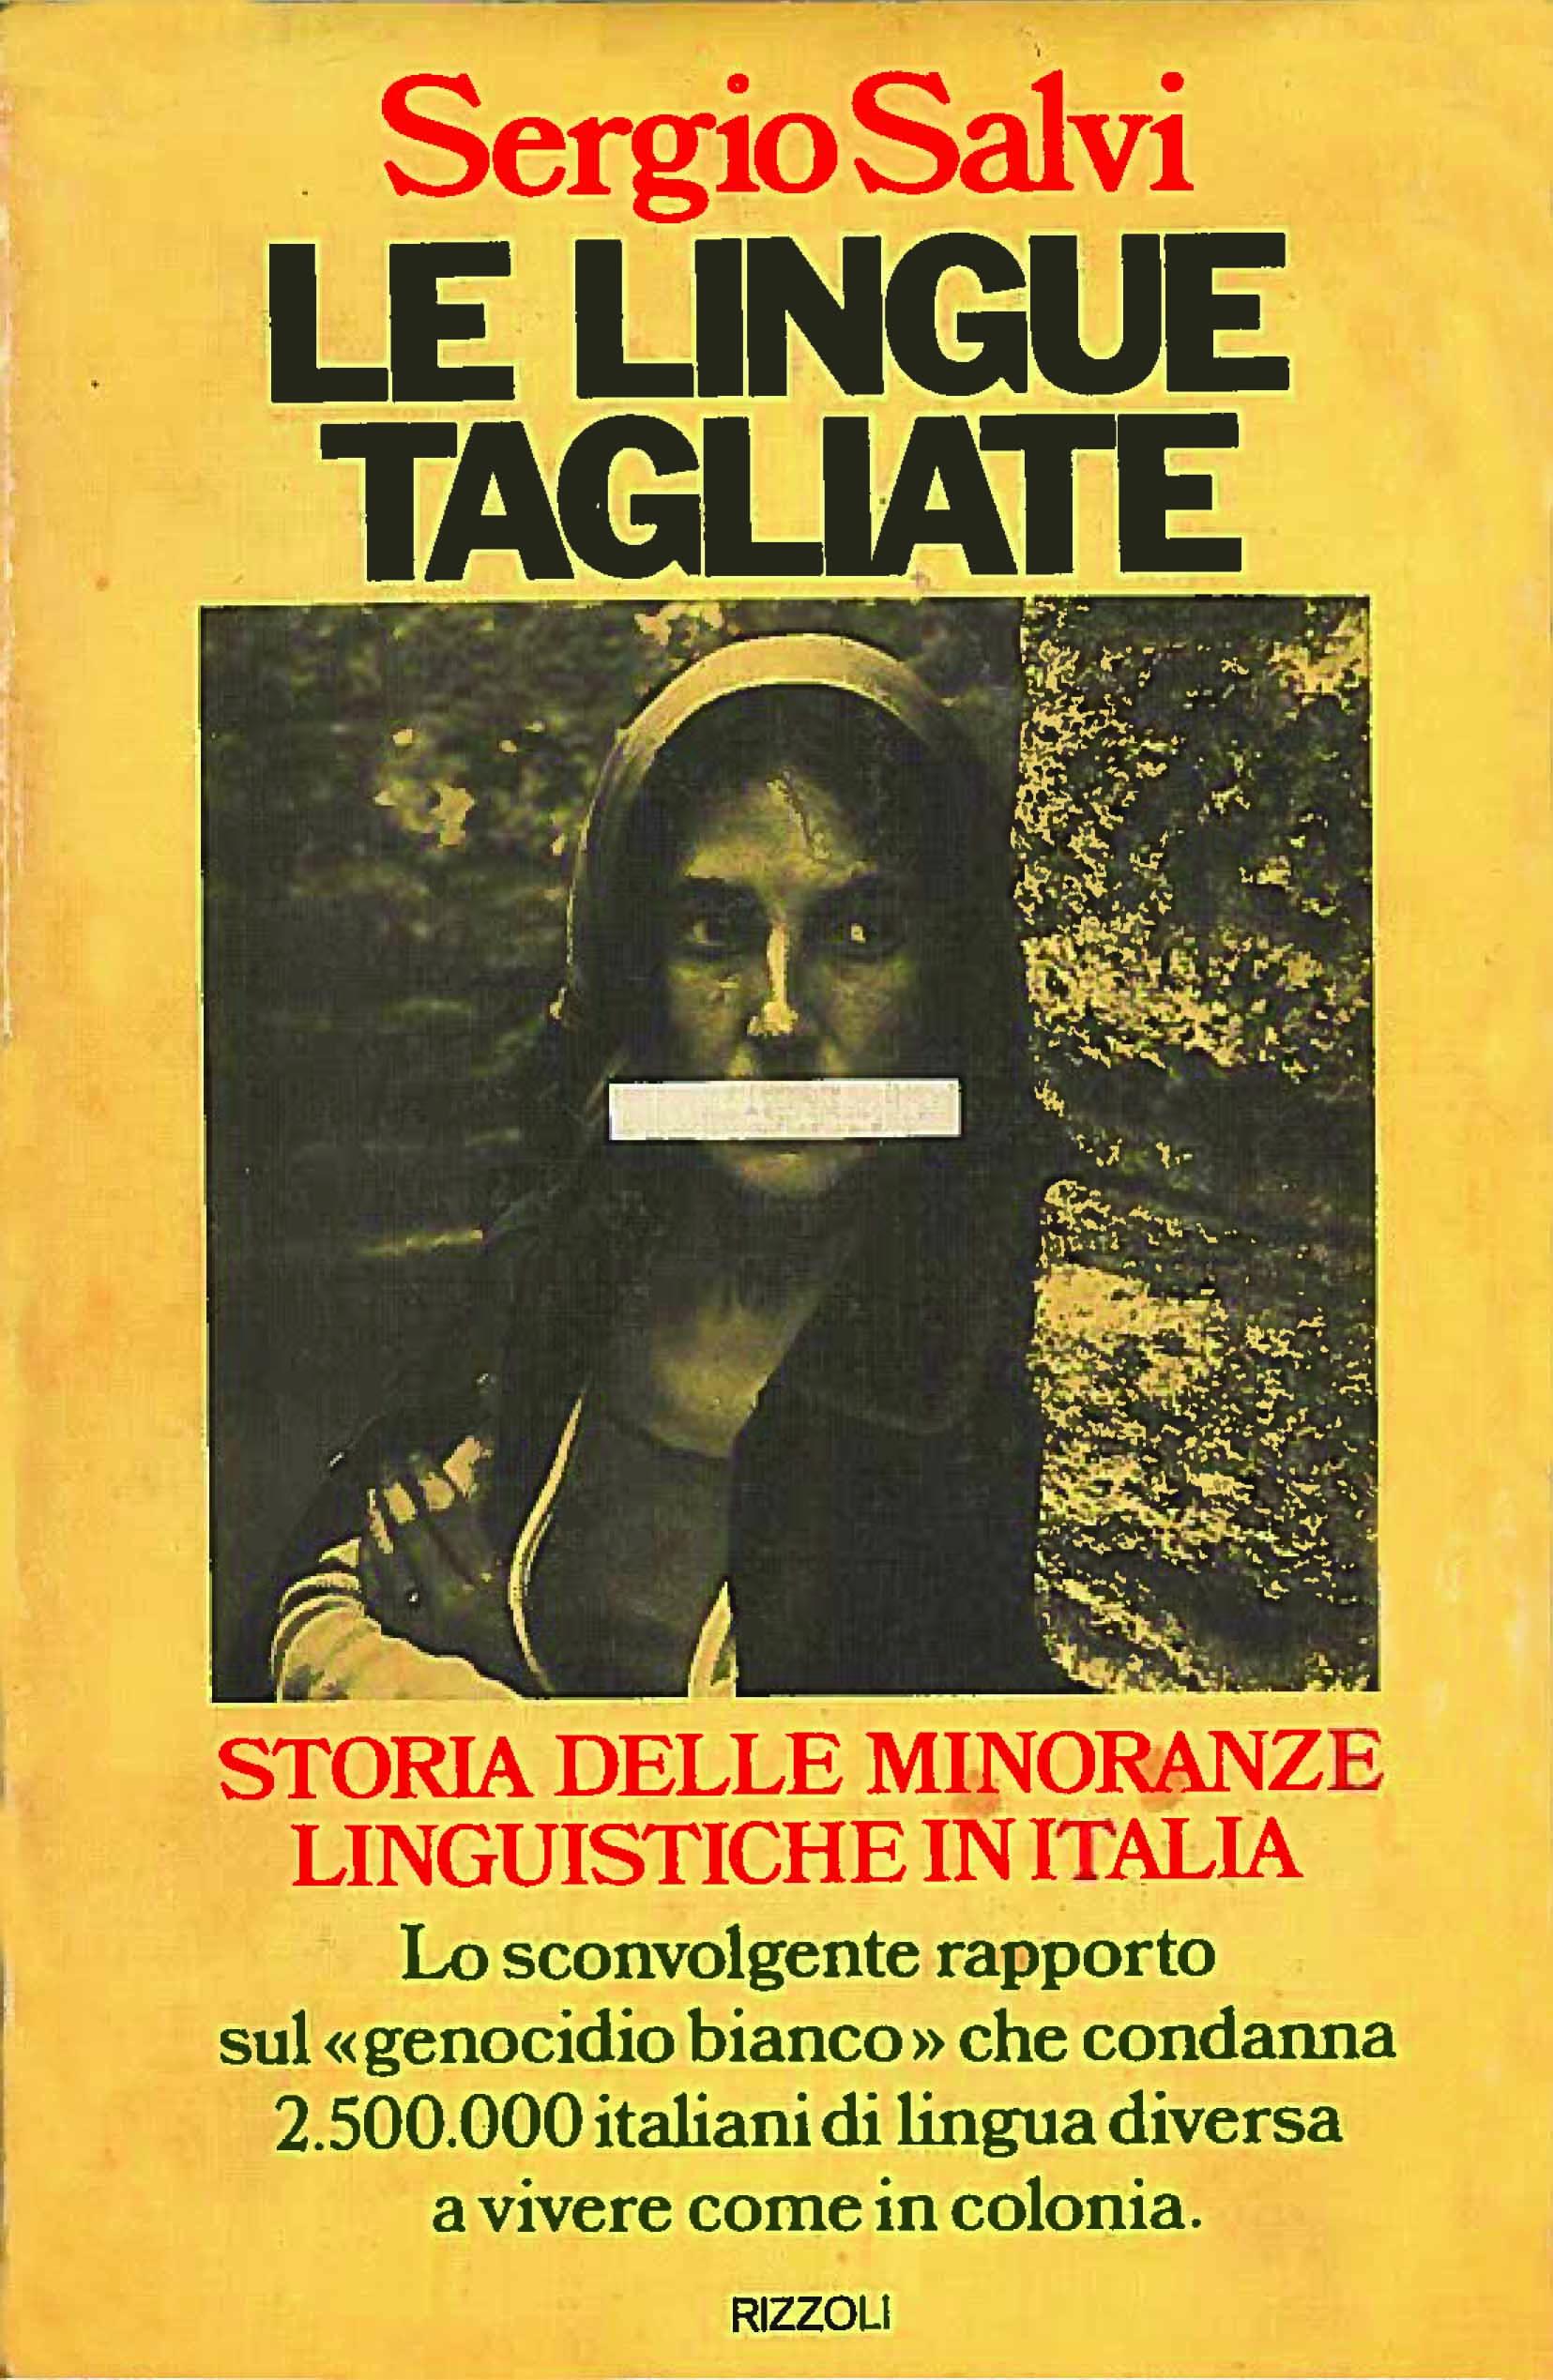 Le lingue tagliate - Storia delle minoranze linguistiche in Italia